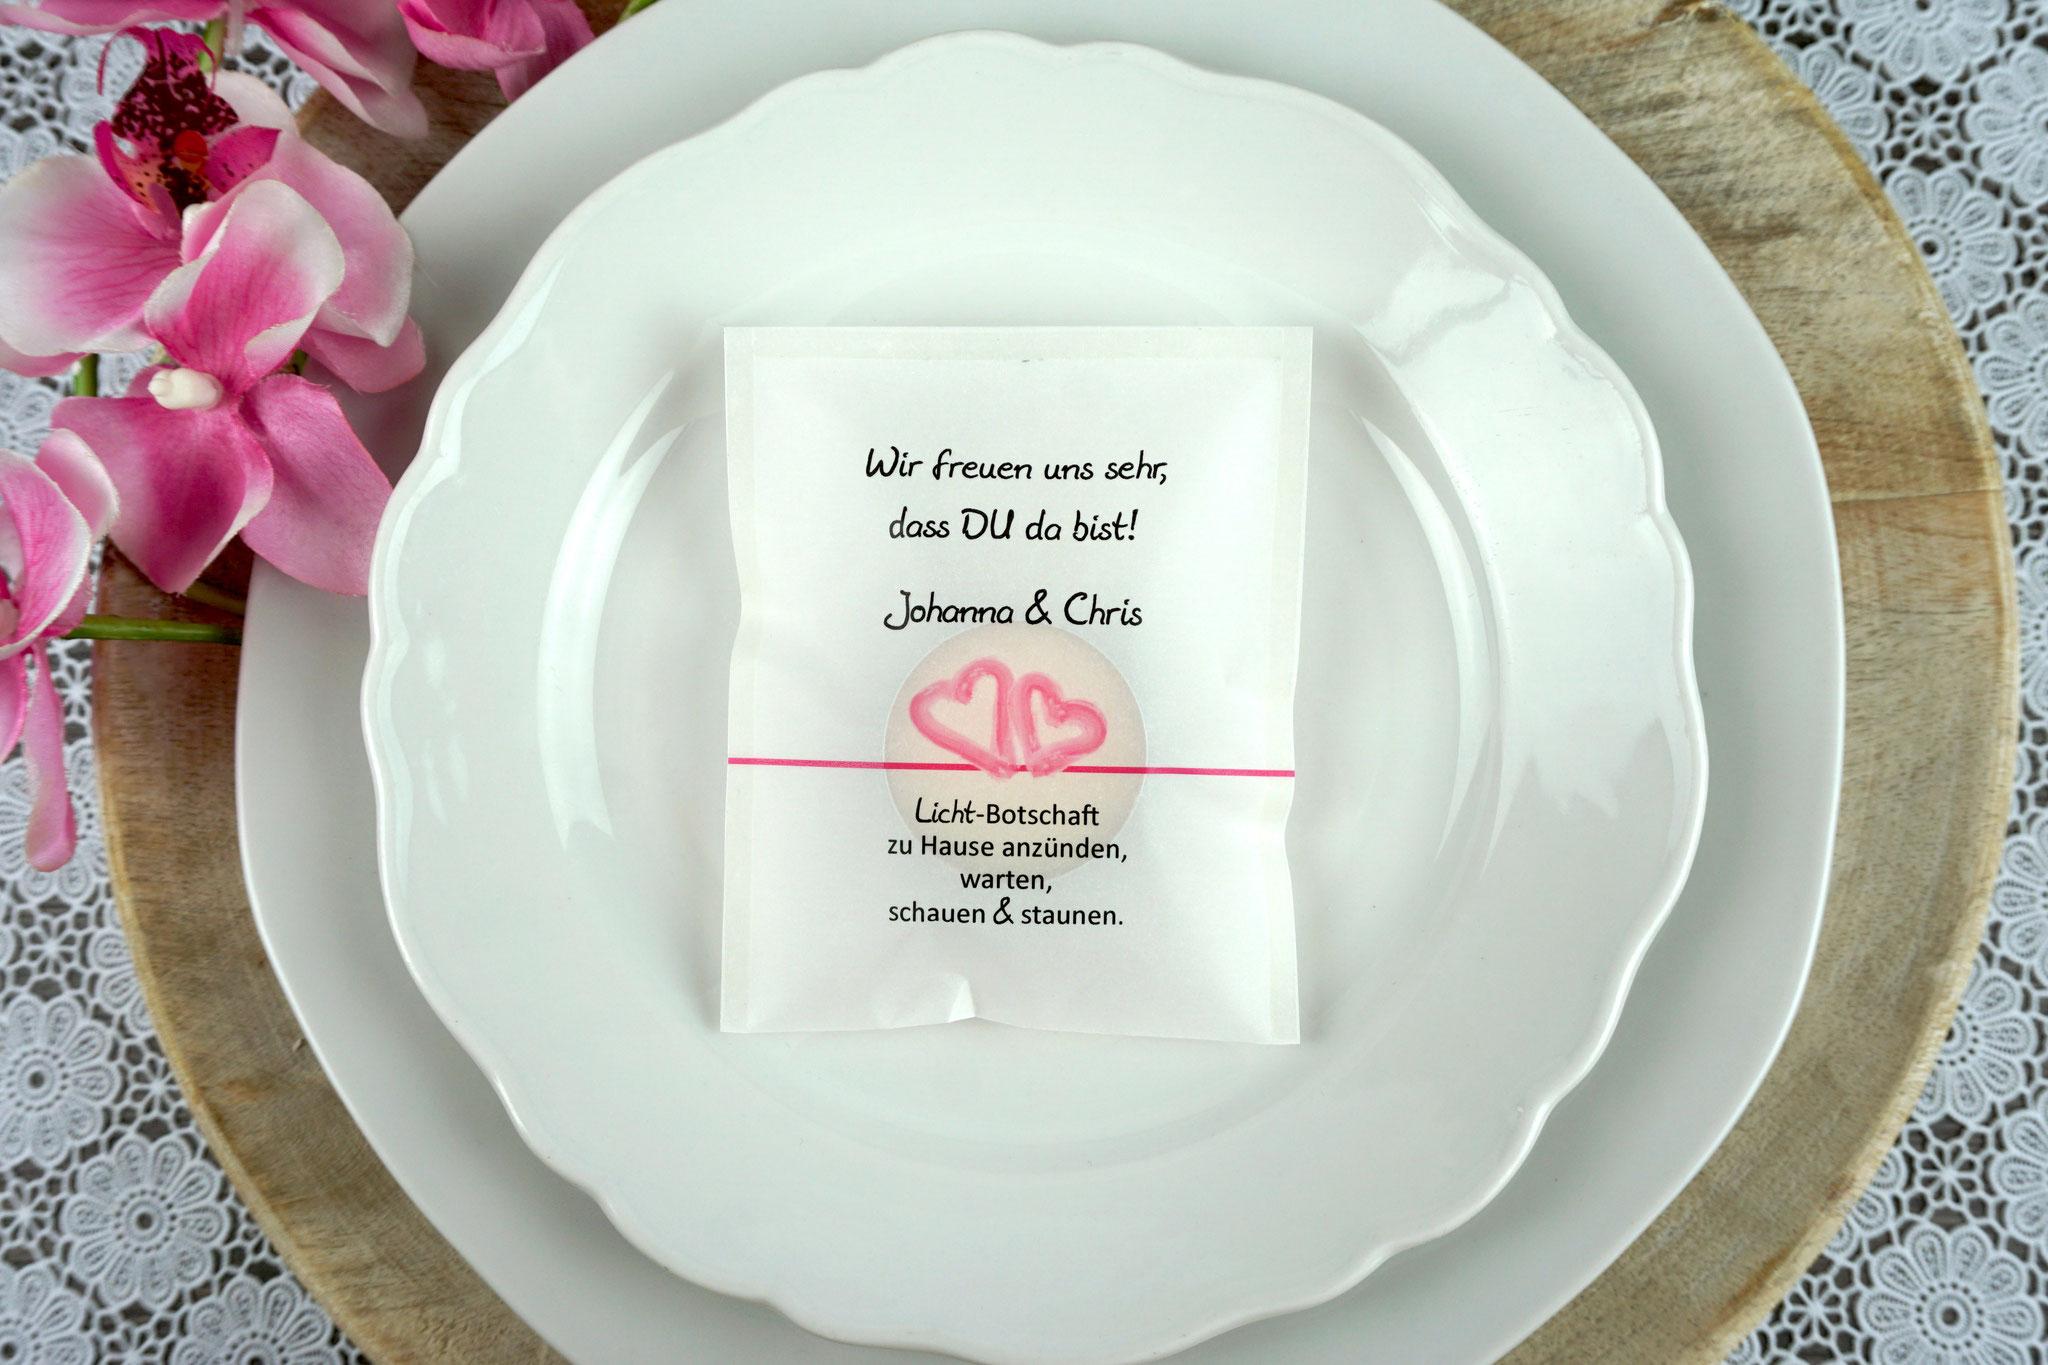 """Licht-Botschaft Design """"Aquarellherzen"""", Farbe Pink"""